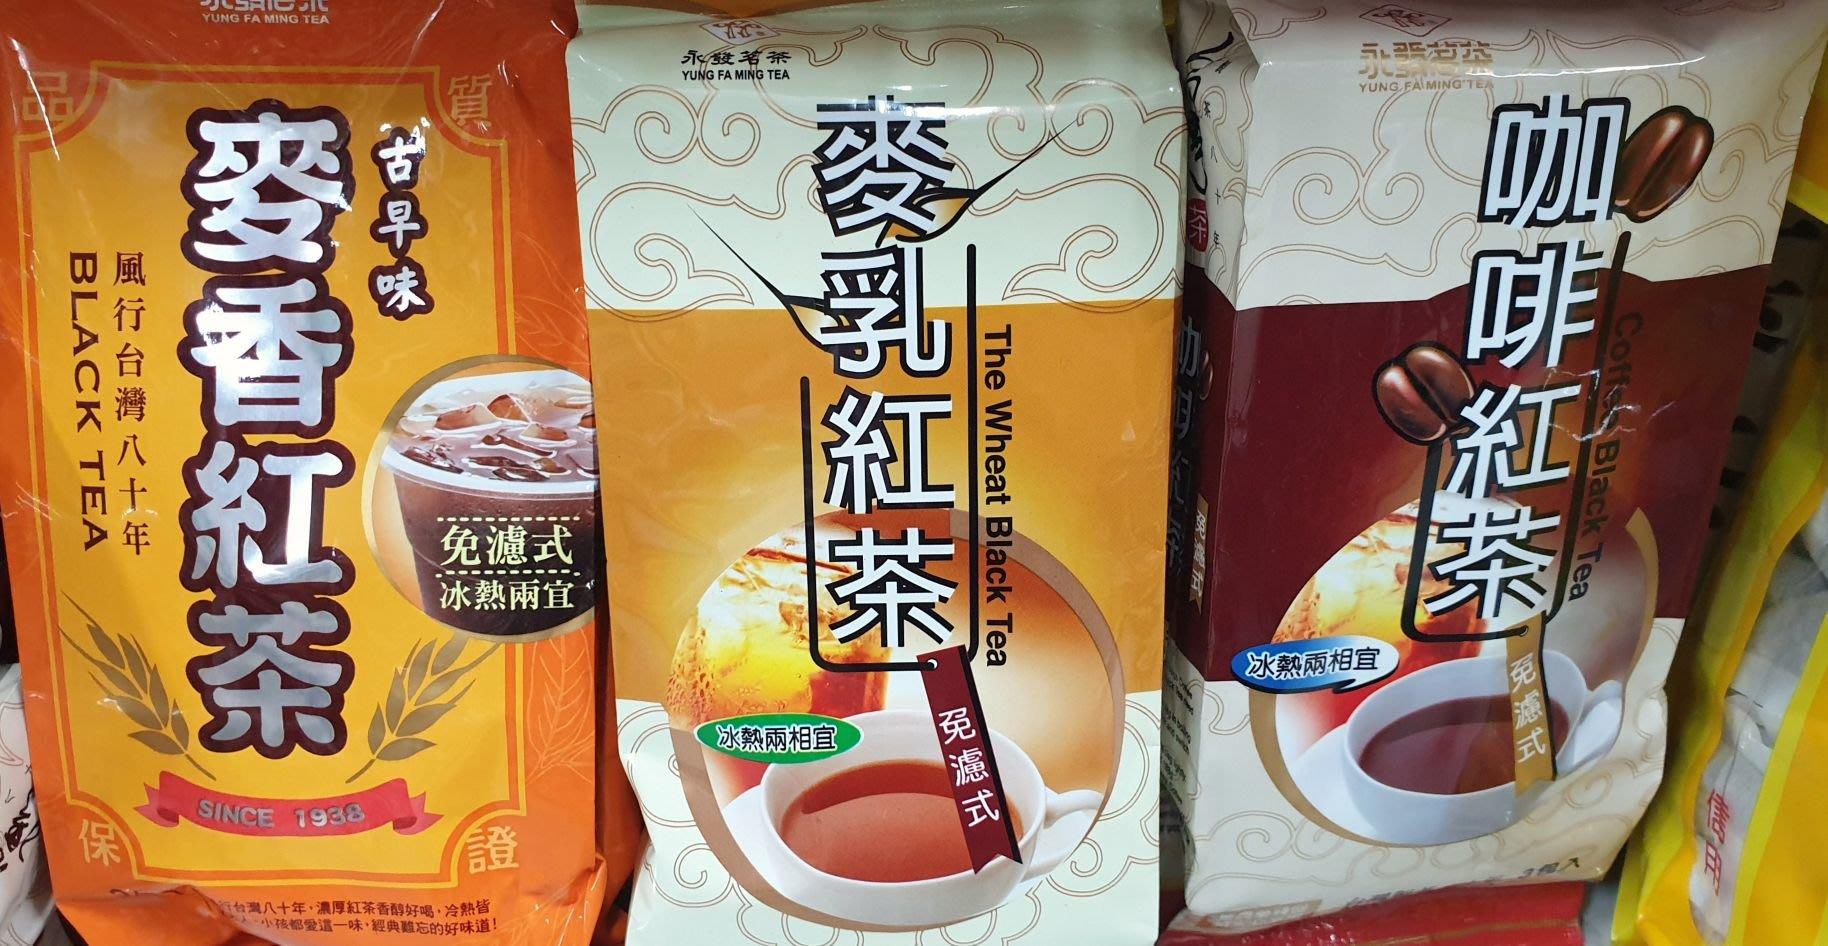 6/25前 永發茗茶 古早味 咖啡紅茶包/麥香紅茶包/麥乳紅茶 (一袋3包入)